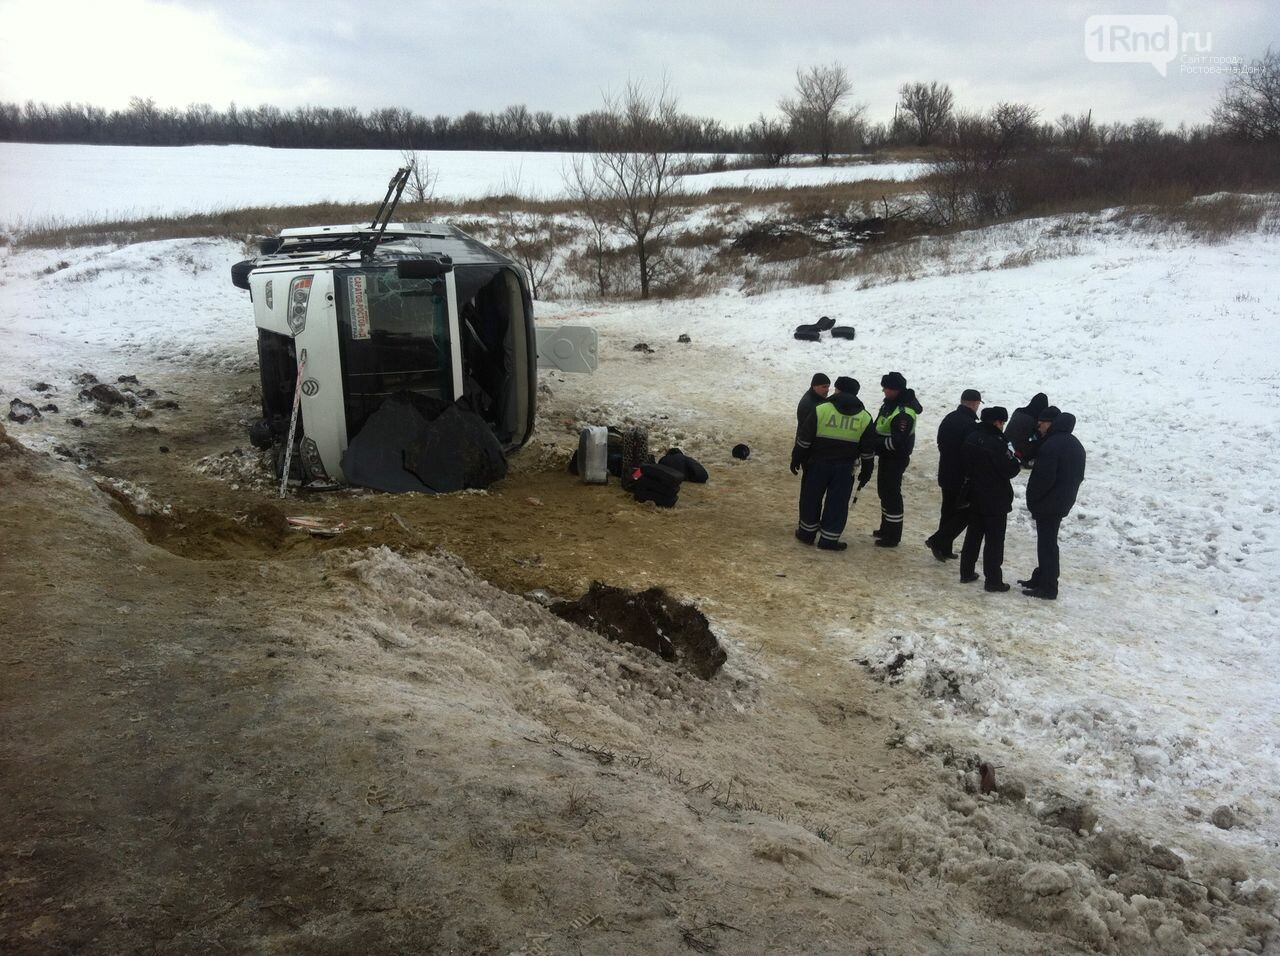 Среди пострадавших в ДТП под Ростовом - жители трех регионов РФ и один иностранец, фото-2